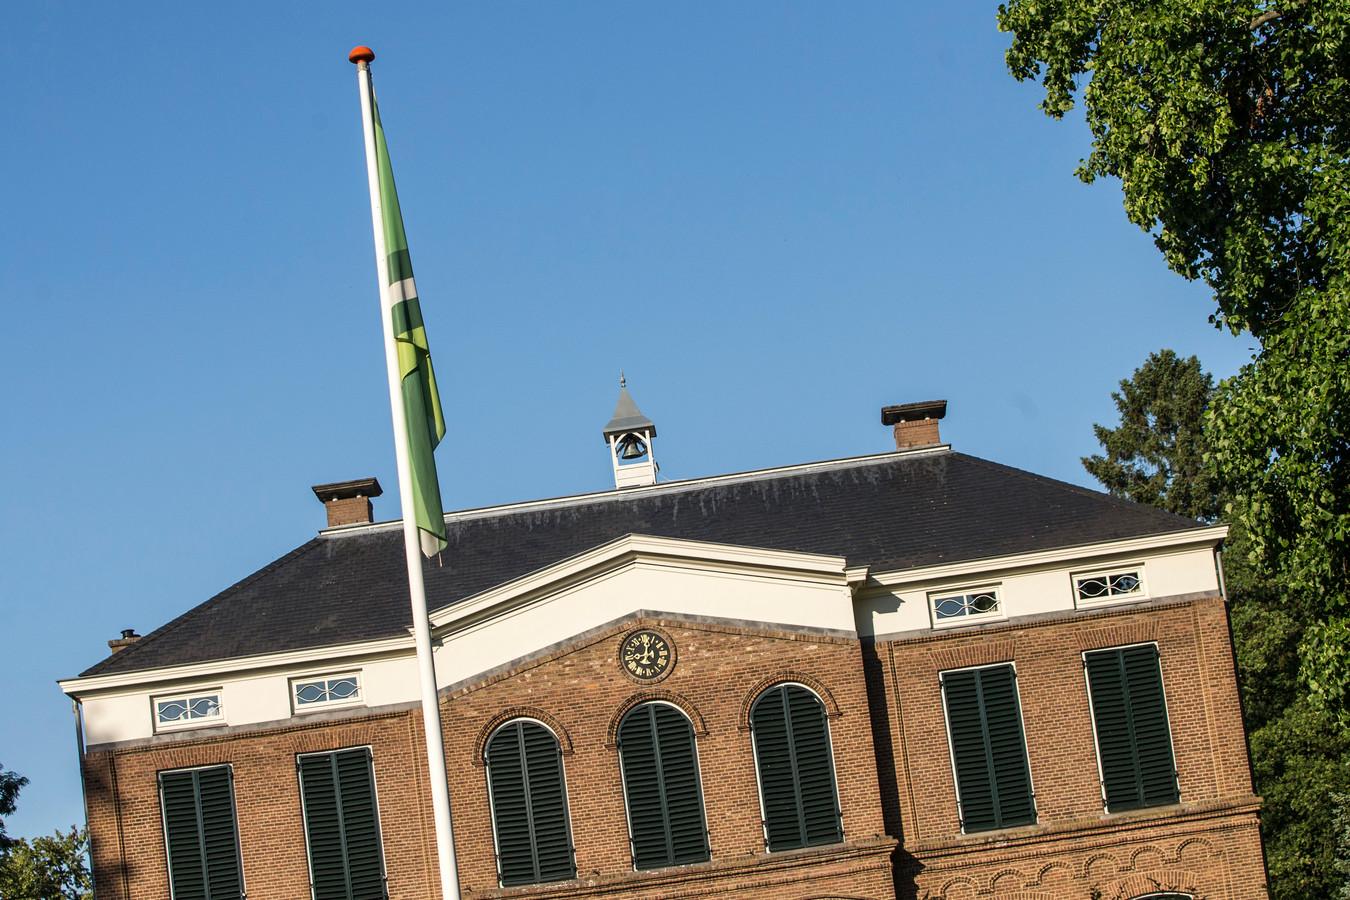 Huize Wientjesvoort in Kranenburg (ter illustratie).